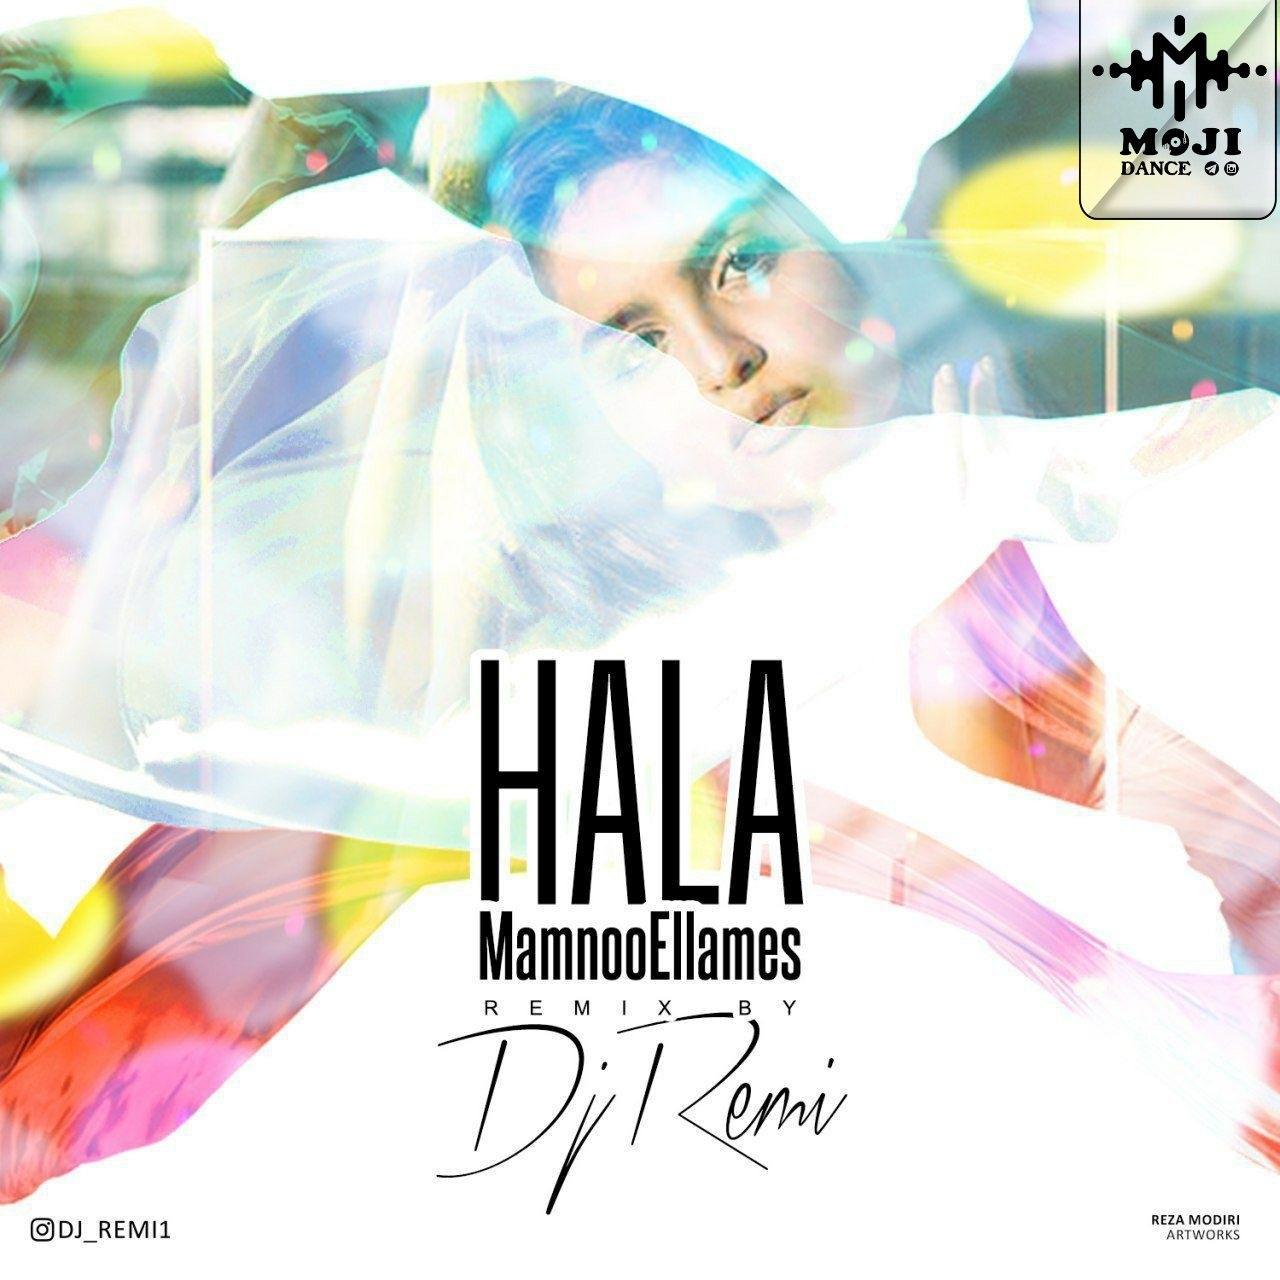 ریمیکس شاد عربیی از Mamnoo Ellames